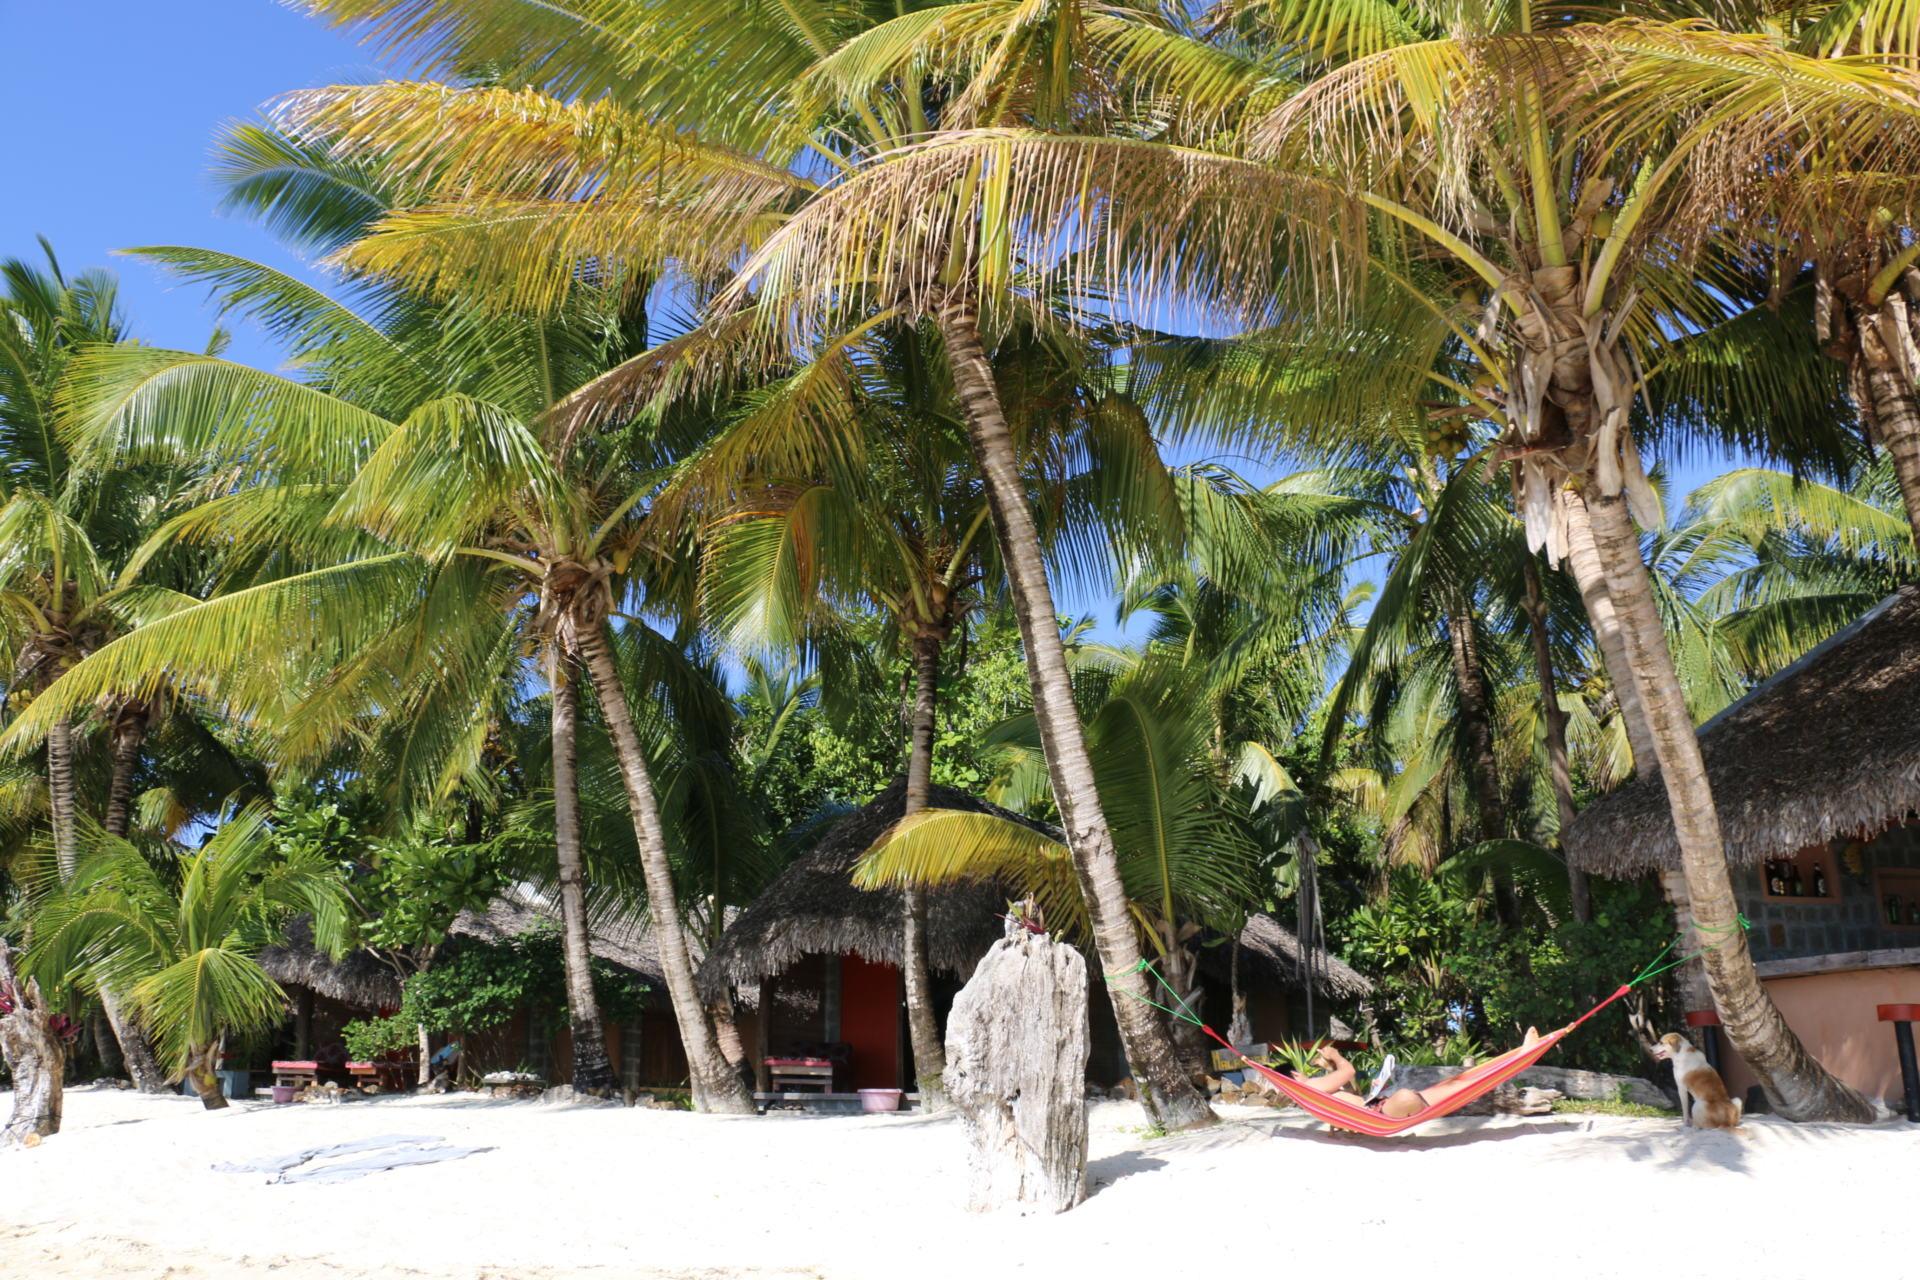 Madagaskar Urlaub unter Palmen in der Hängematte